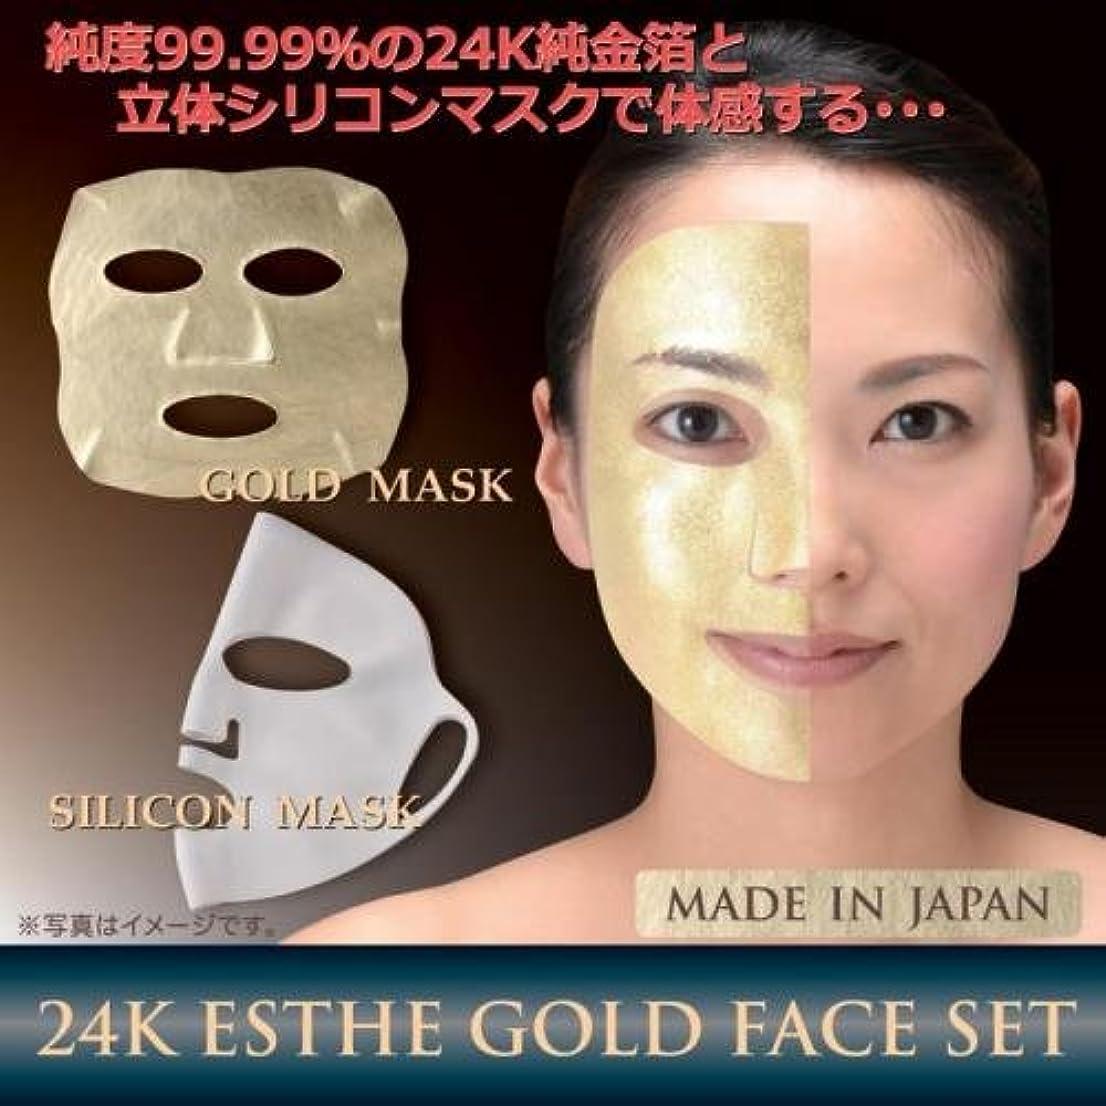 のスコアピケマルクス主義者後藤 24K エステゴールドフェイス セット 金箔マスク×1、シリコンマスク×1